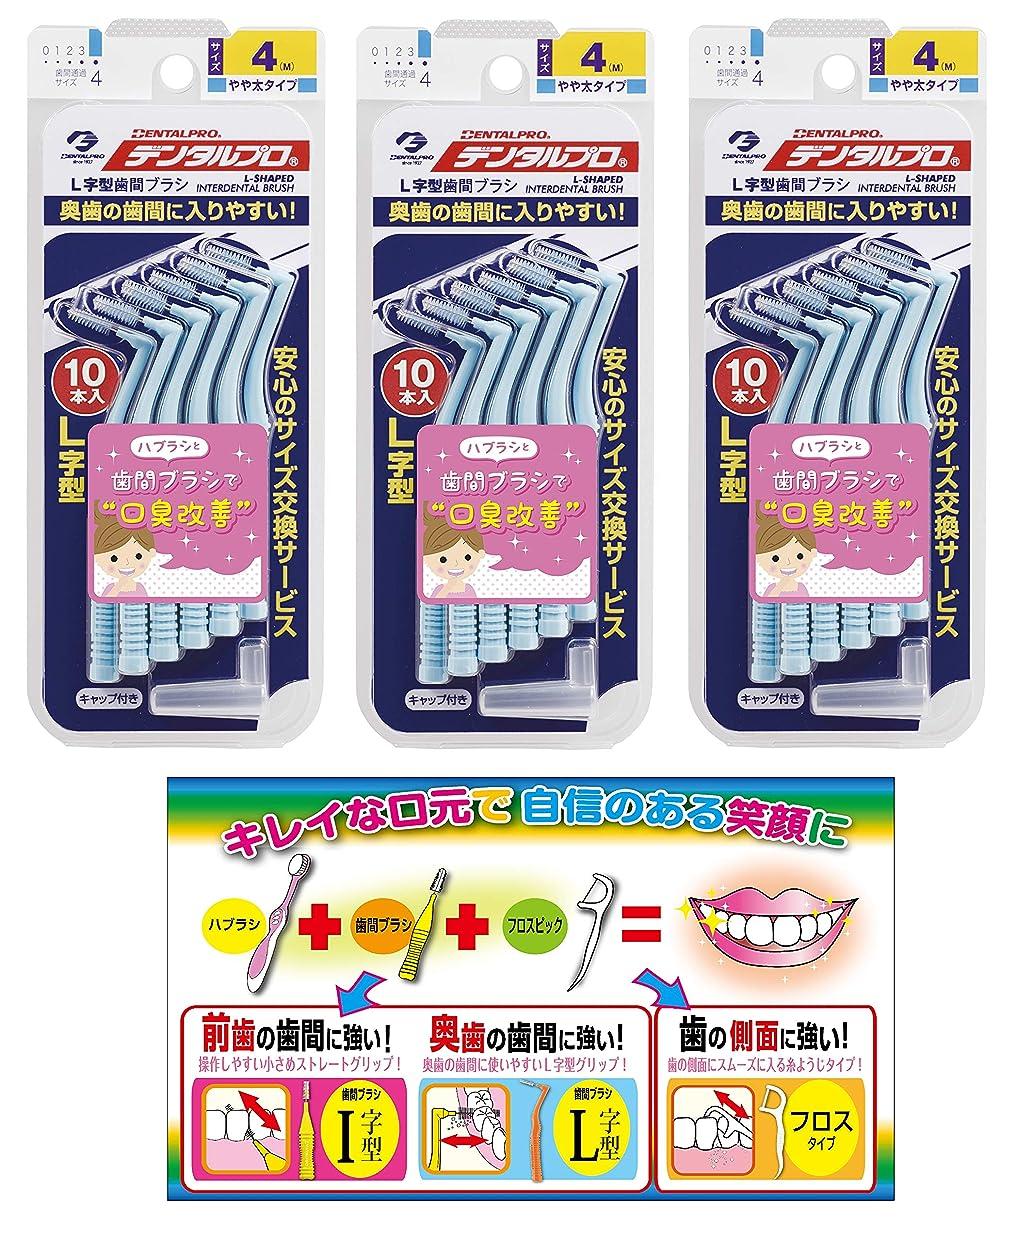 自治的素晴らしい良い多くの鳥【Amazon.co.jp限定】DP歯間ブラシL字型10本入サイズ4 3P+リーフレット